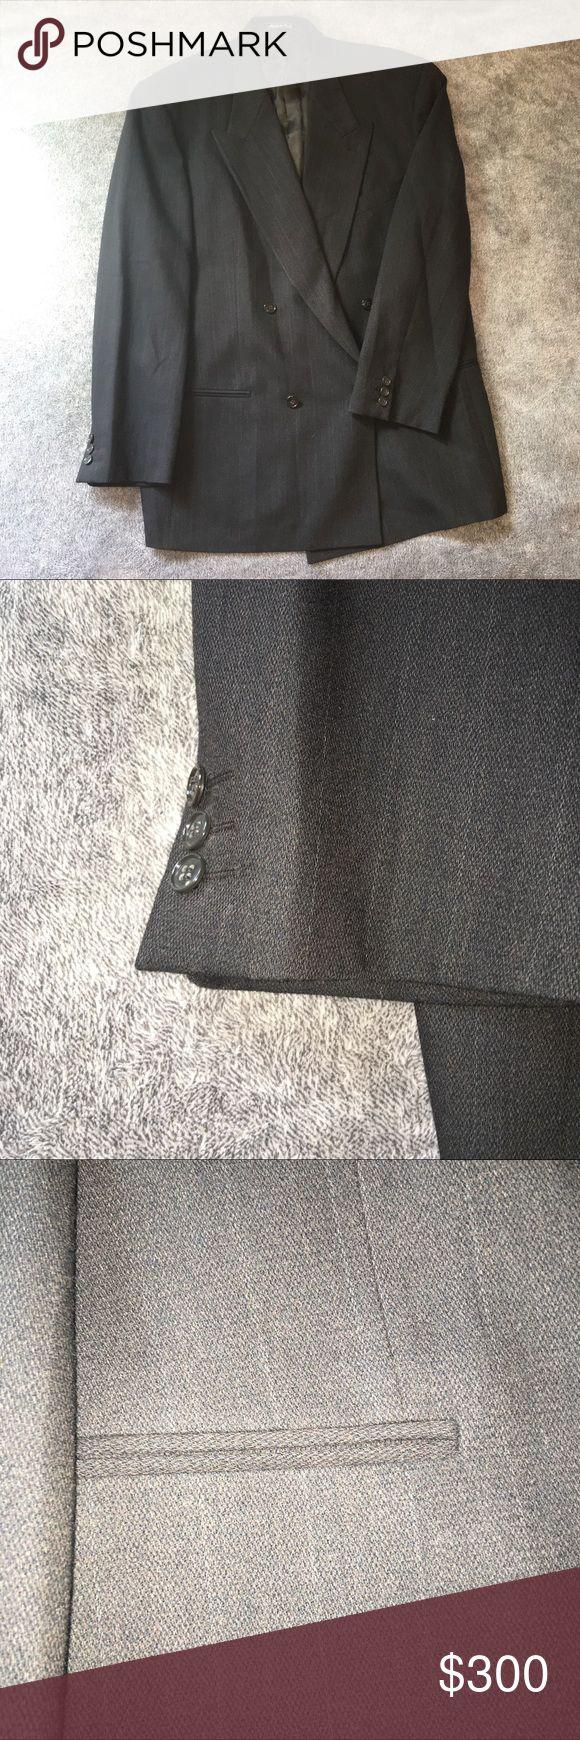 Mani by Giorgio Armani Suit Jacket Mani by Giorgio Armani Suit Jacket - Pinstripe Giorgio Armani Suits & Blazers